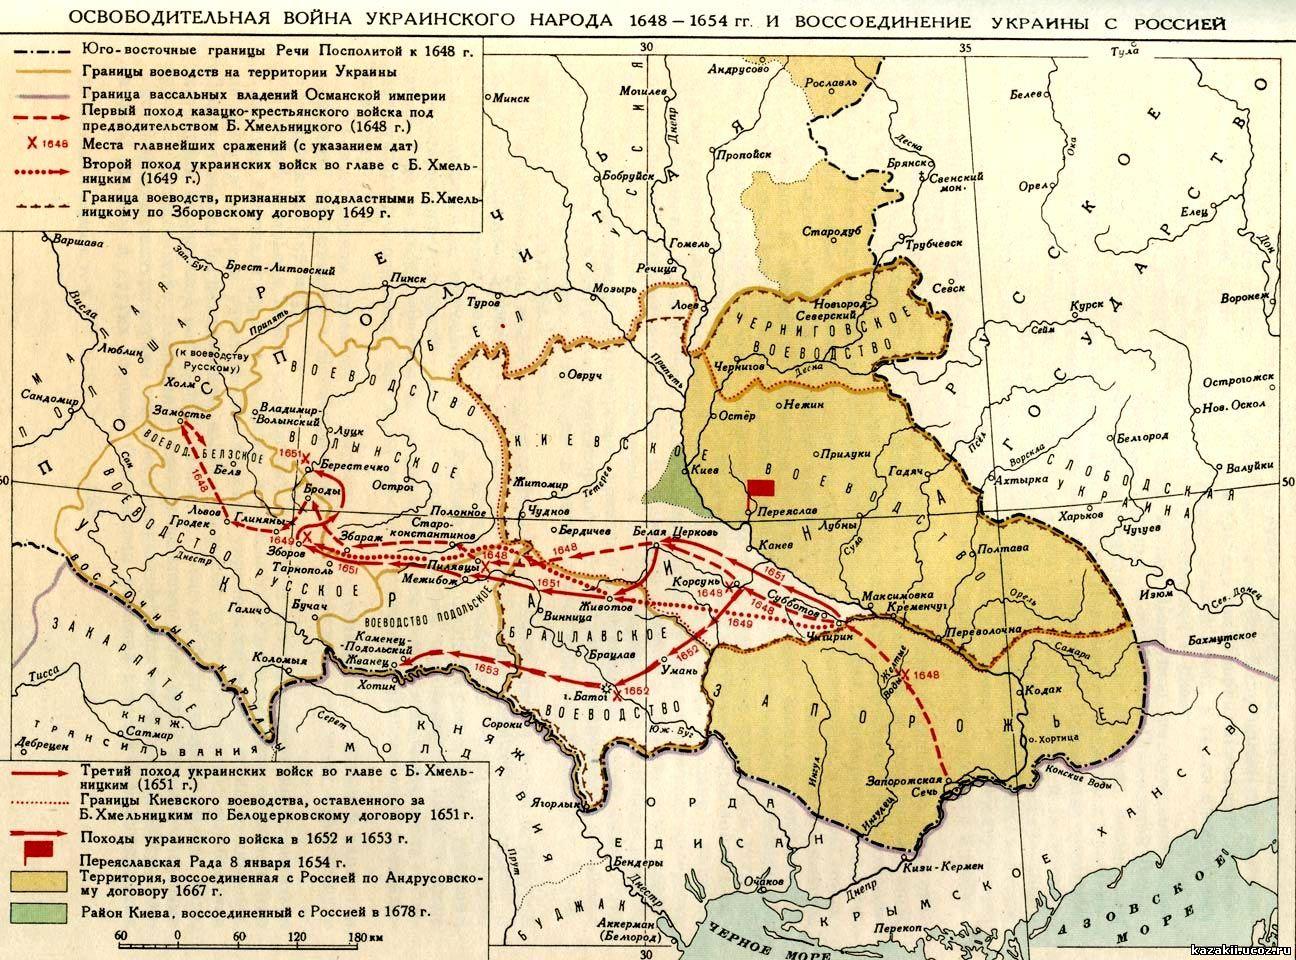 Карта Украины 1648-1654 годов